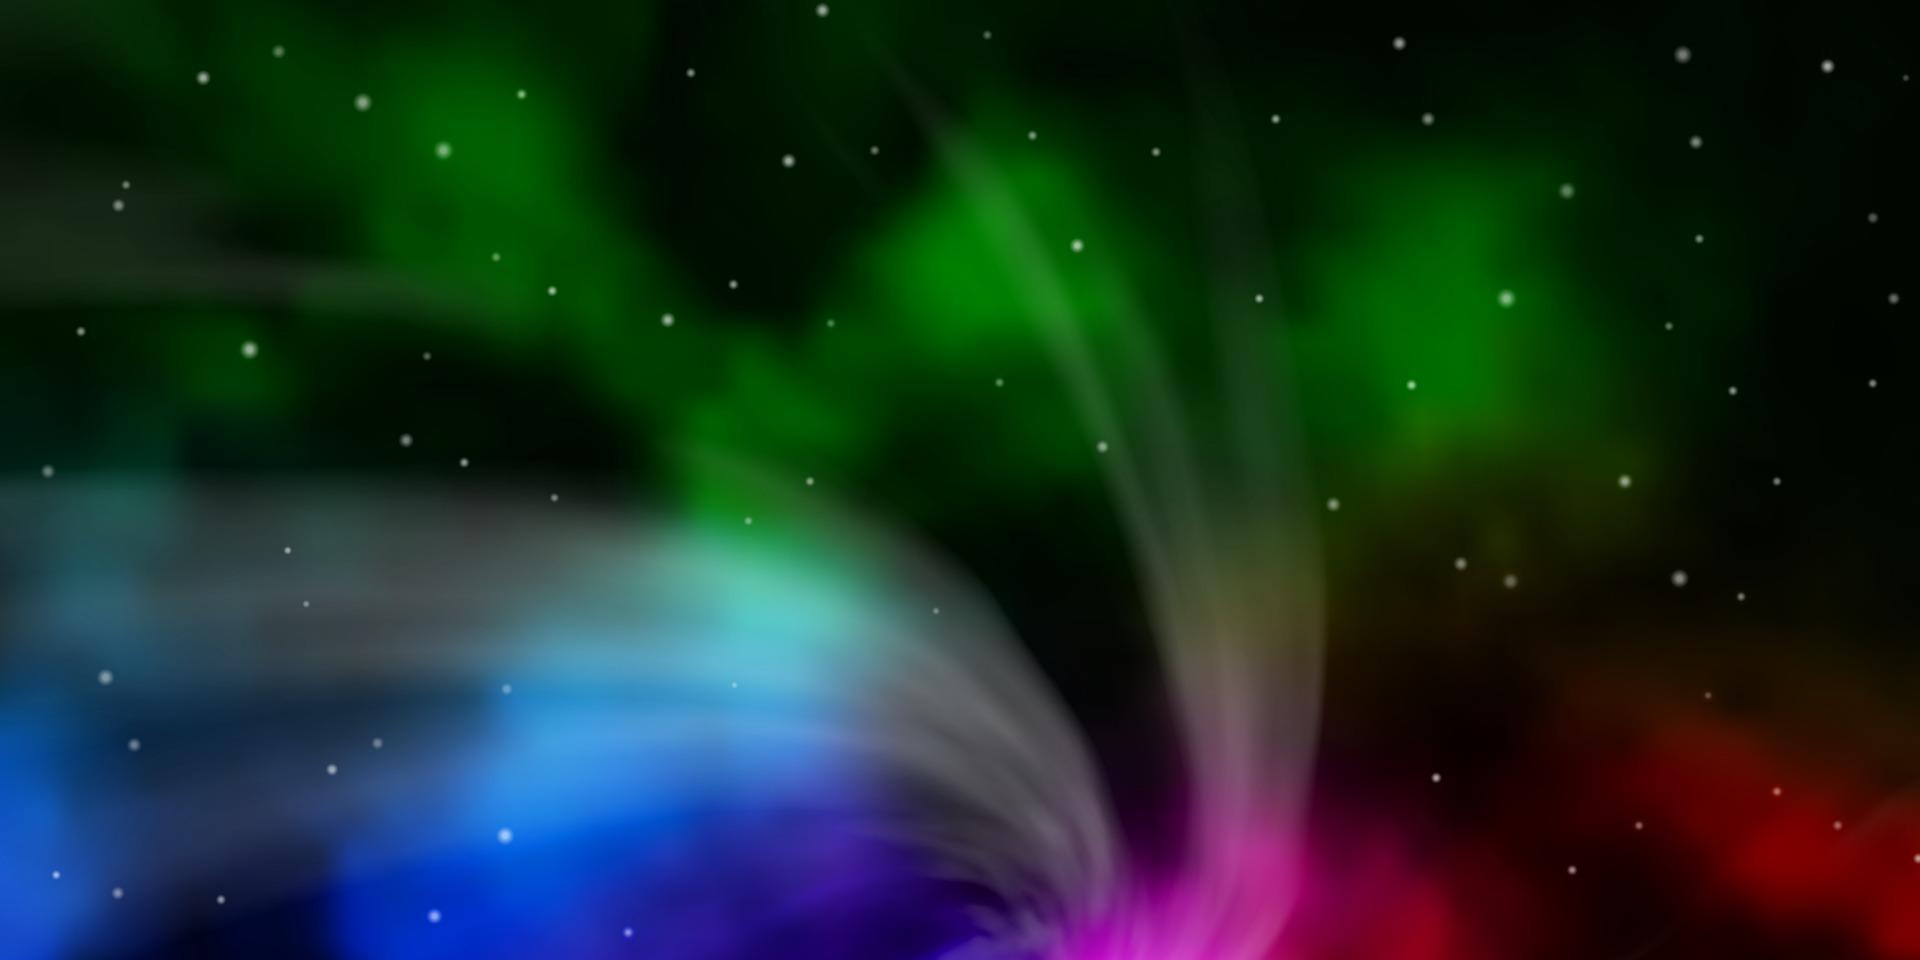 mörkrosa, grön vektorstruktur med vackra stjärnor. vektor